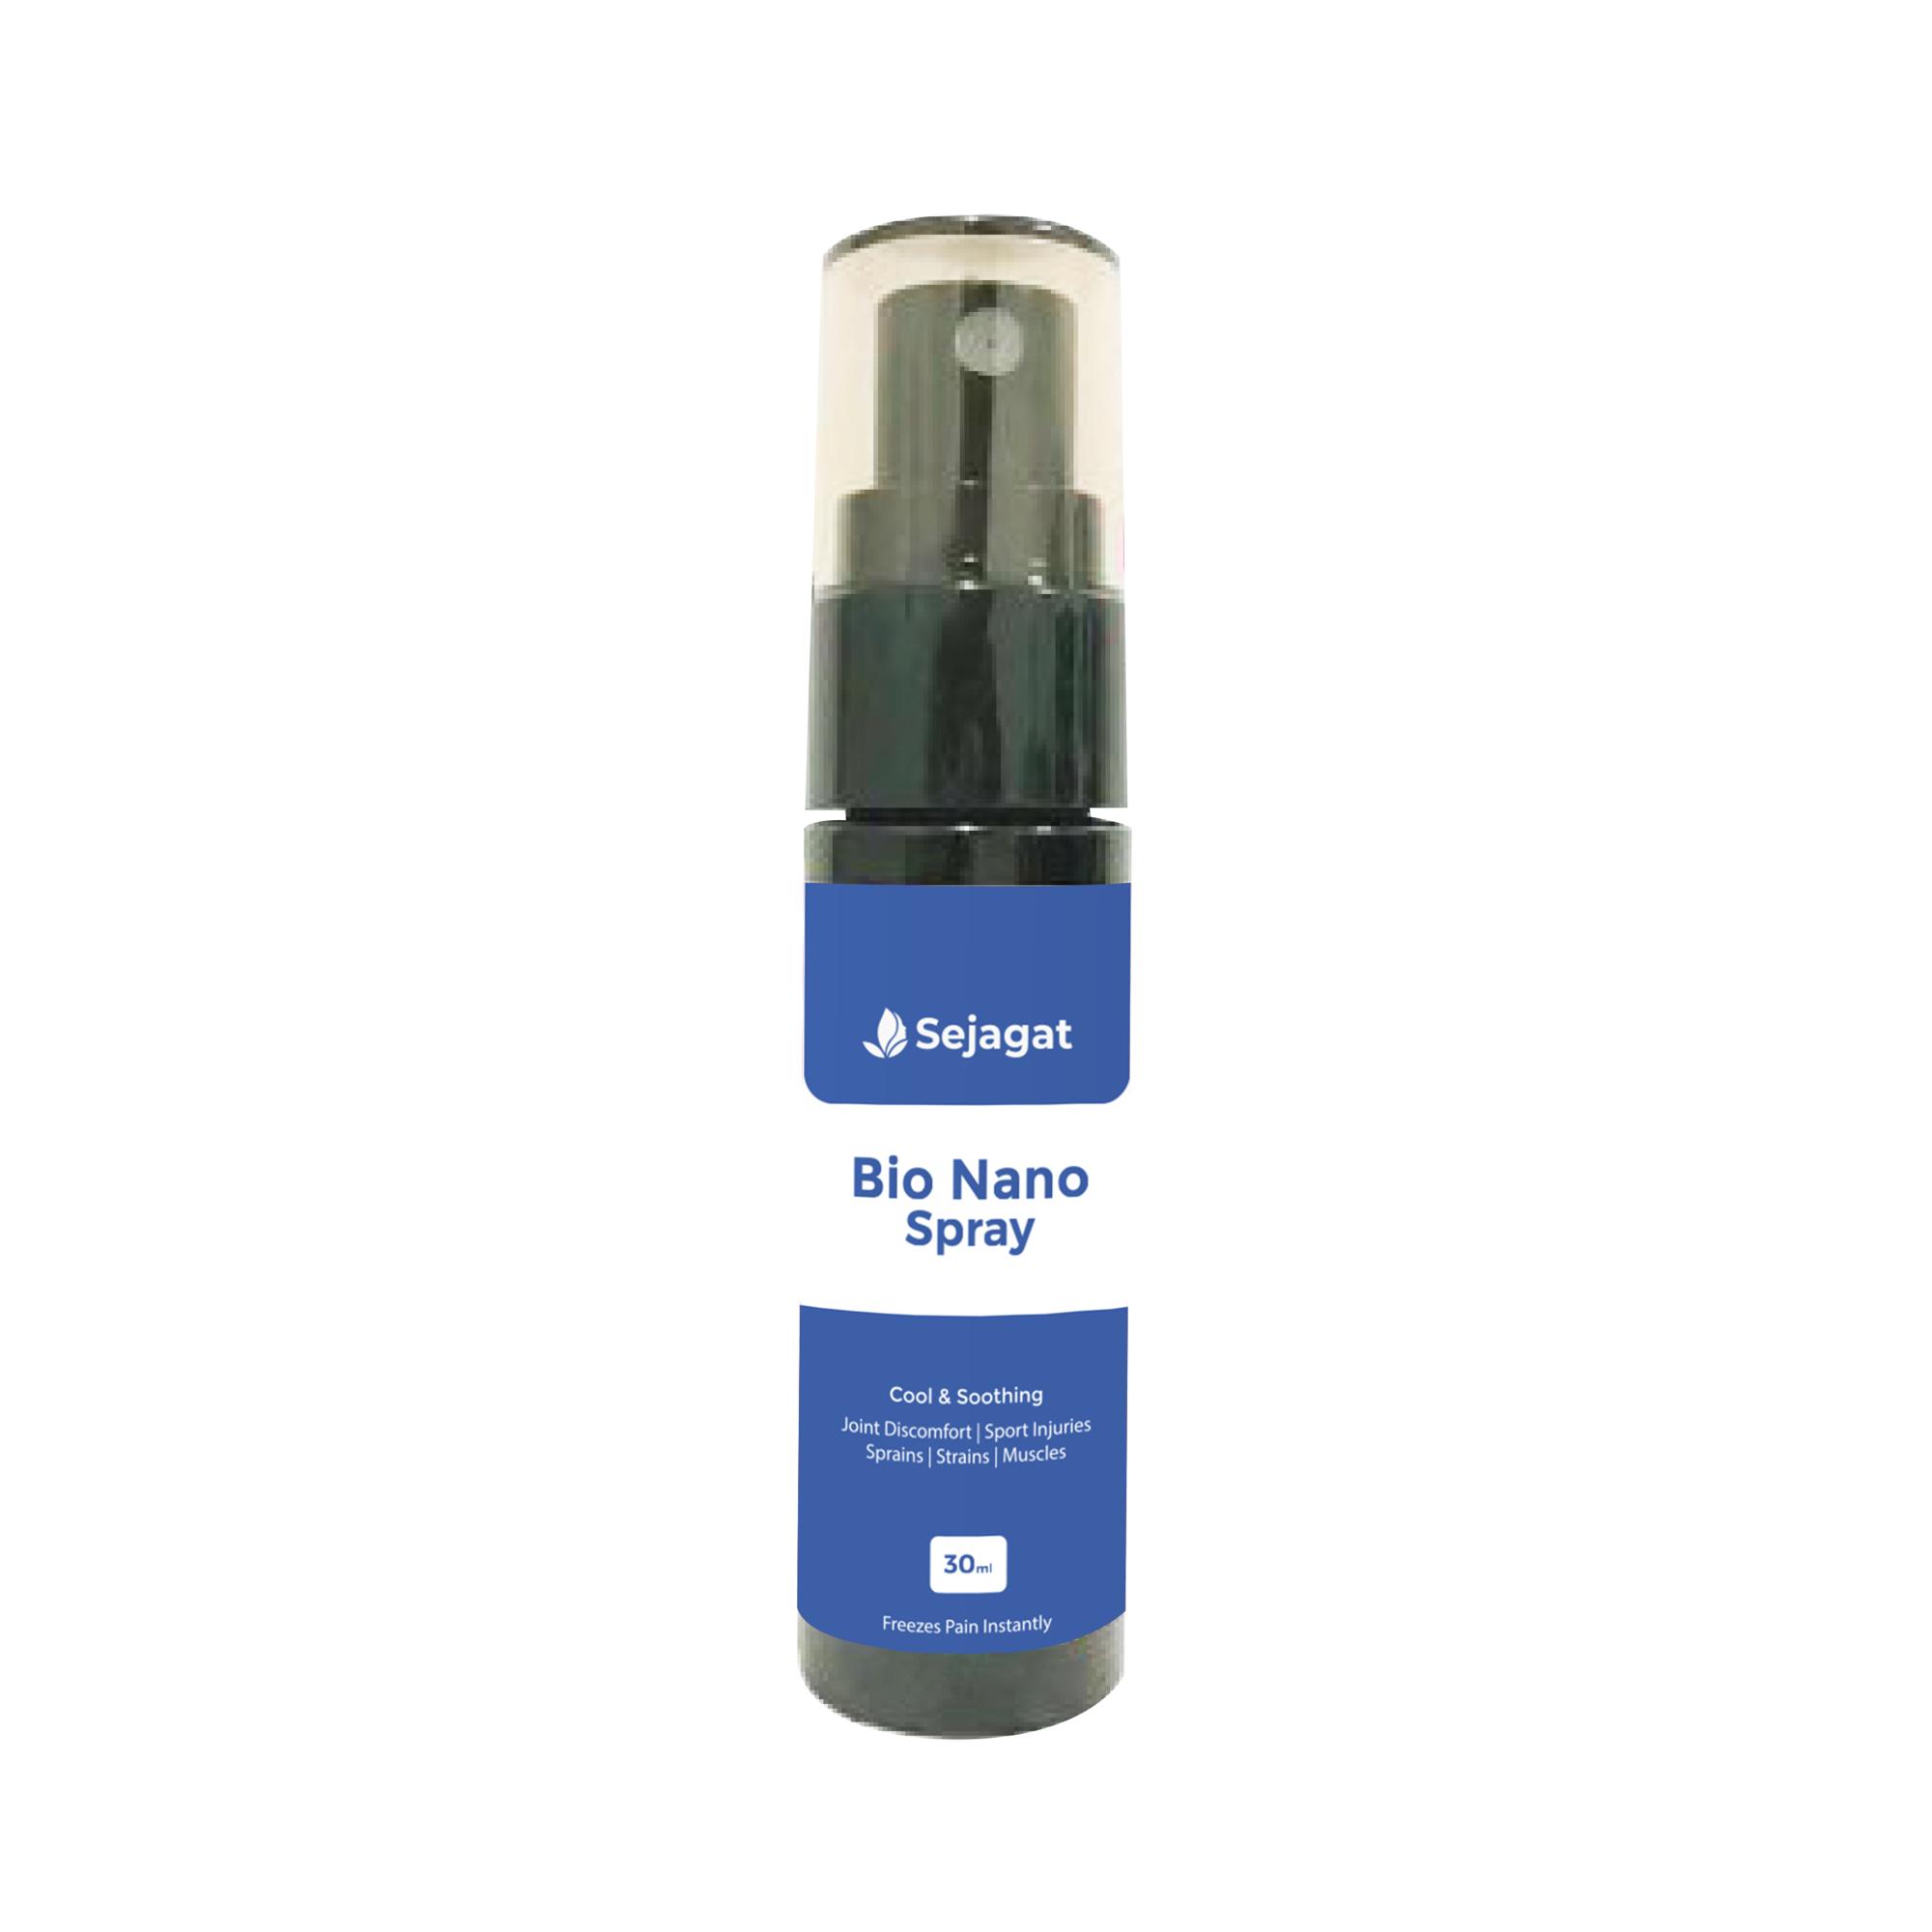 Bio Nano Spray (Untuk Lutut) 30ml